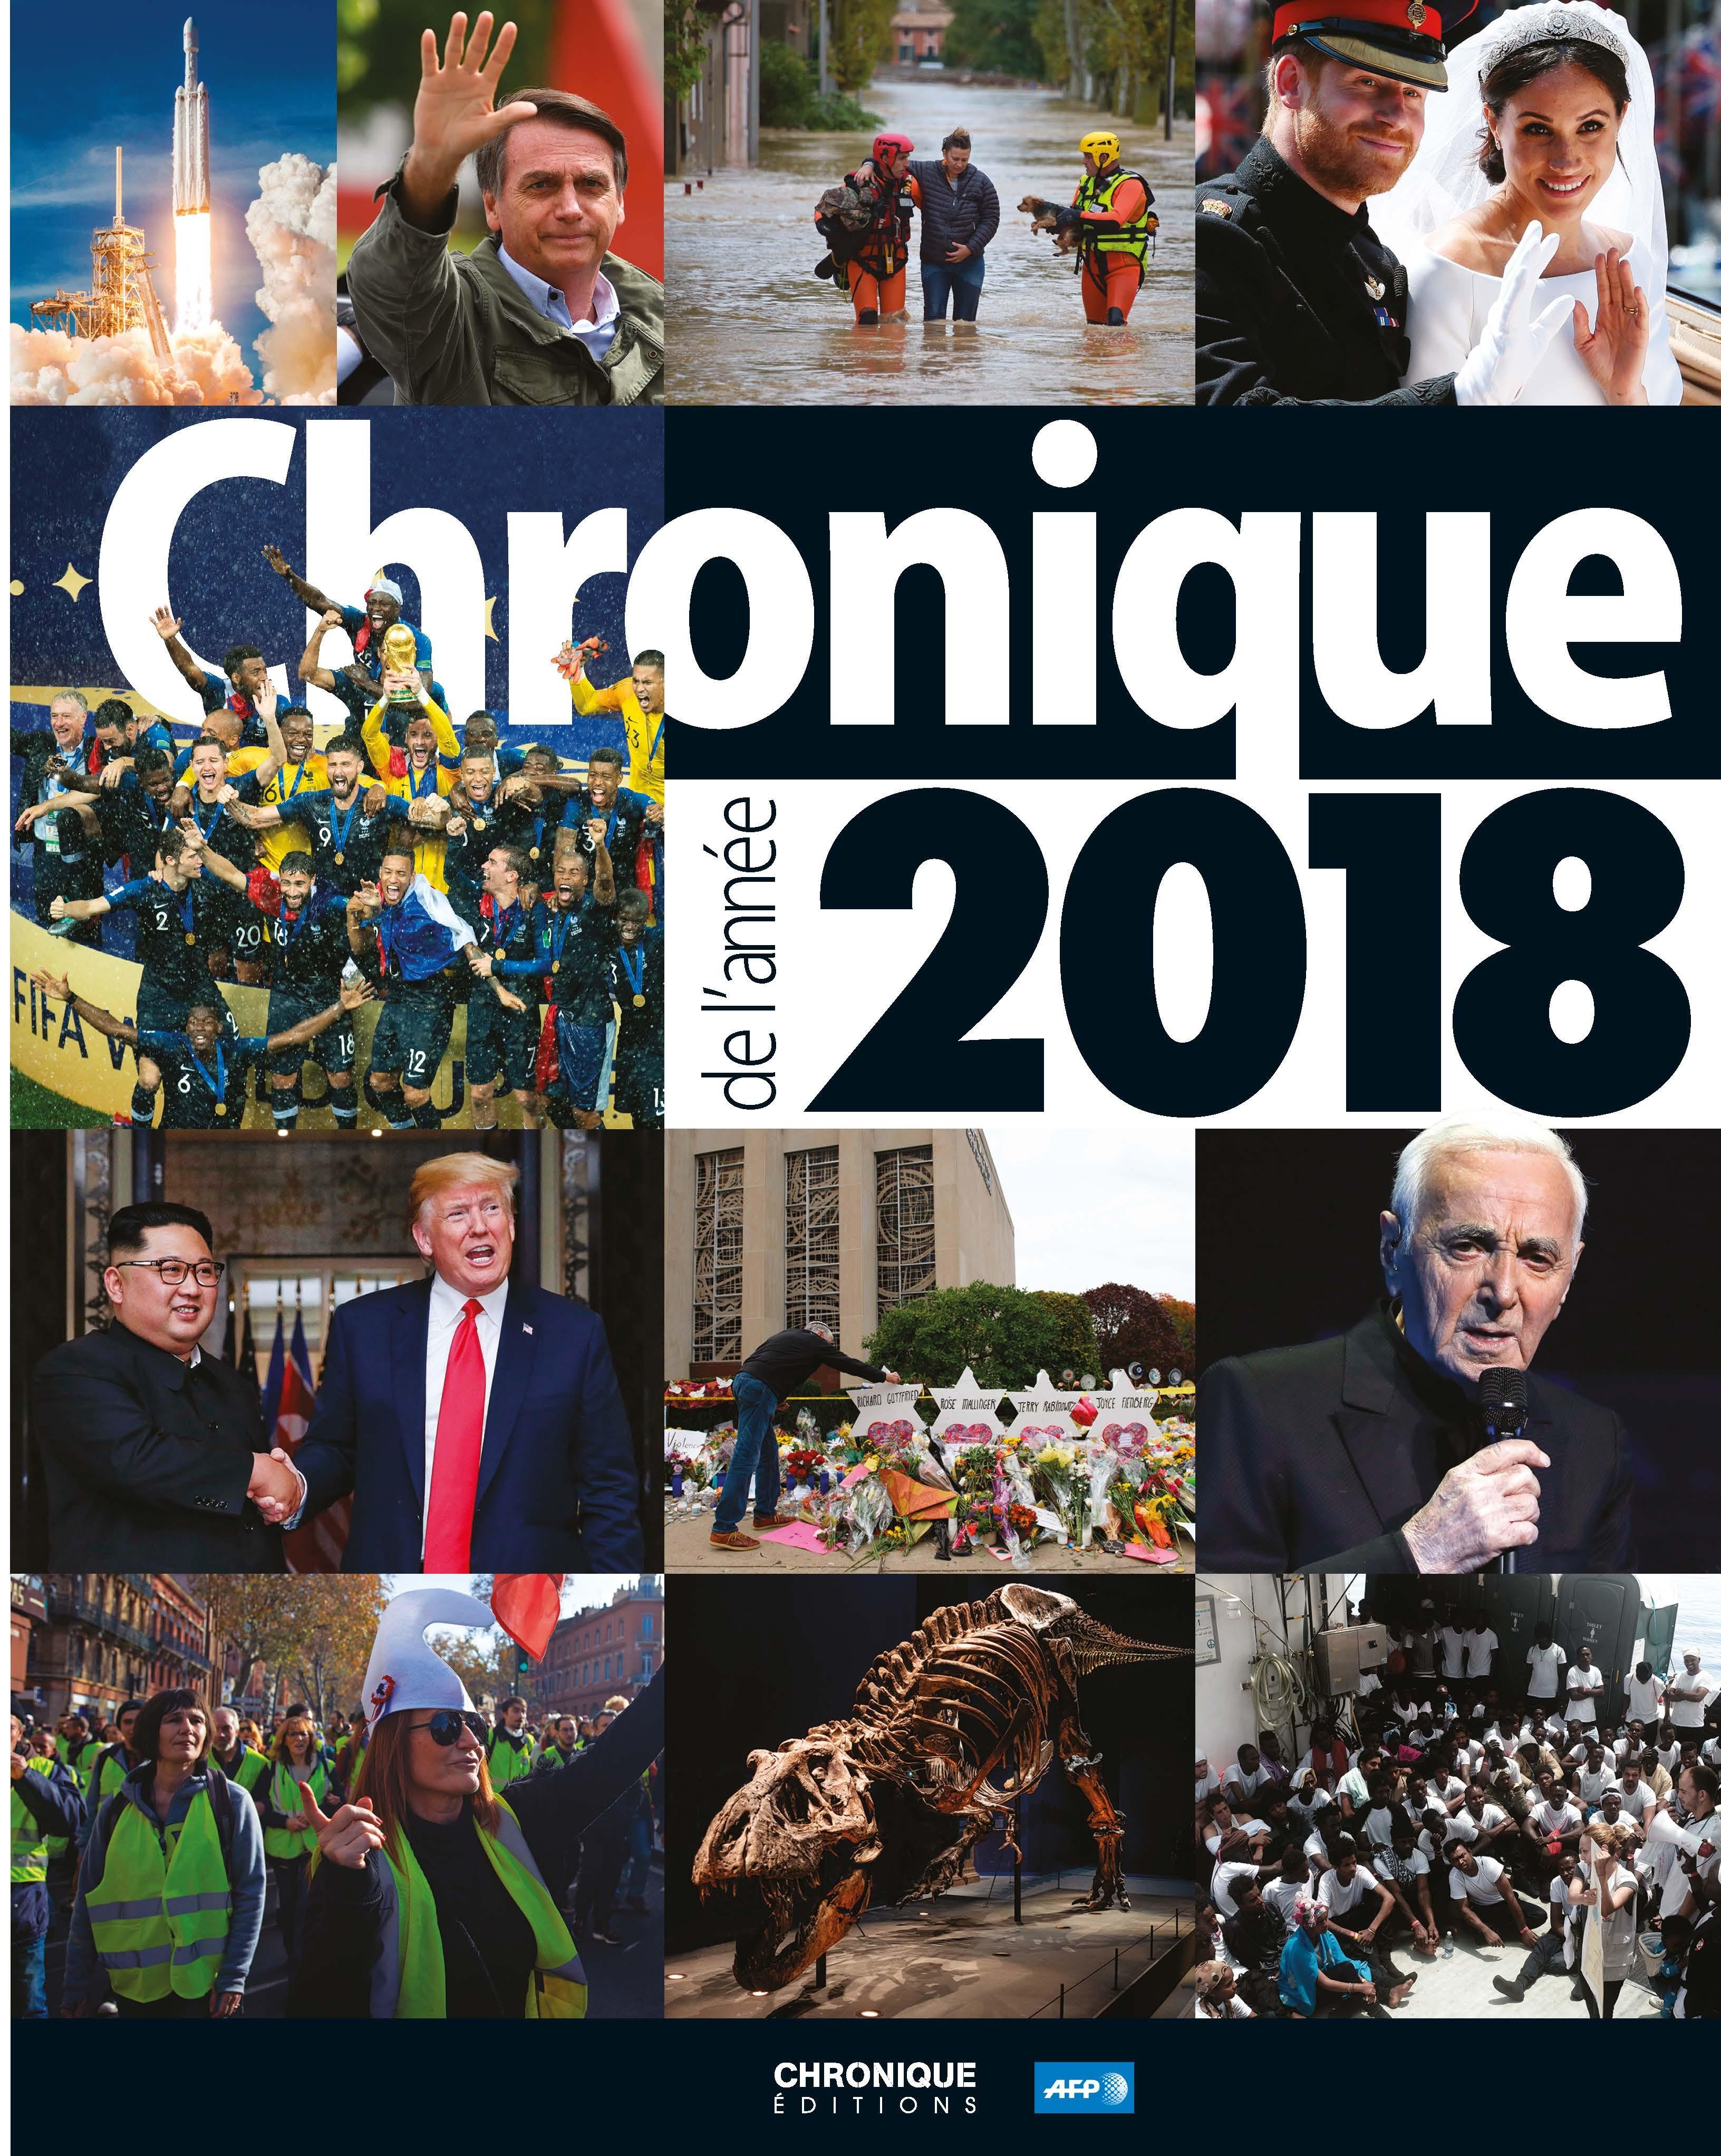 CHRONIQUE DE L'ANNEE 2018